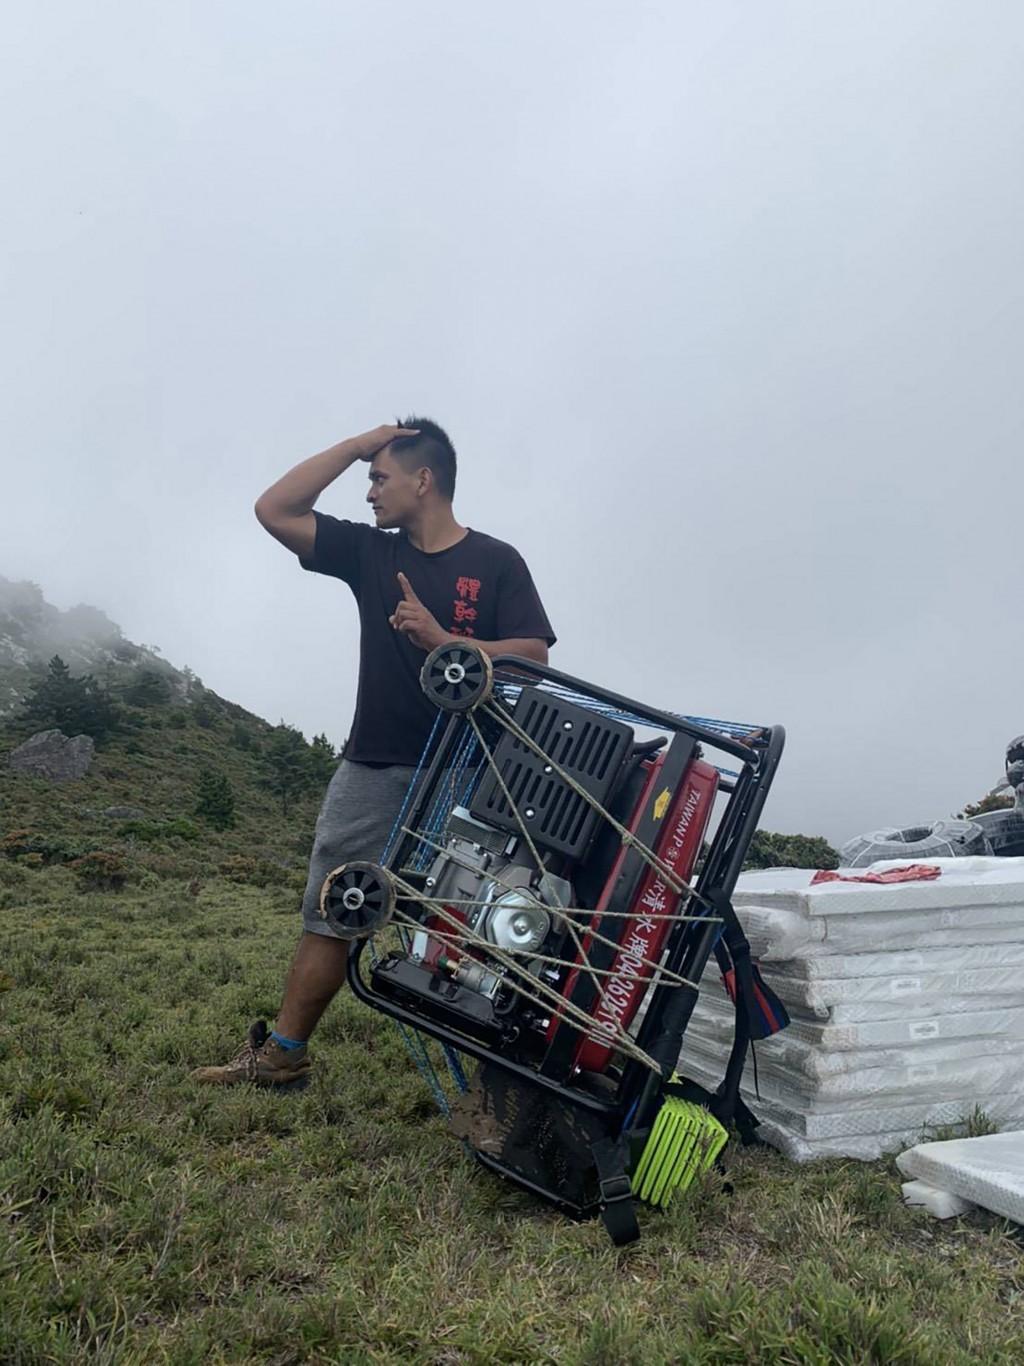 【布農族鋼鐵人】台灣高山嚮導獨自揹100公斤發電機上嘉明湖 山友驚呼太恐怖、 簡直「神人級」